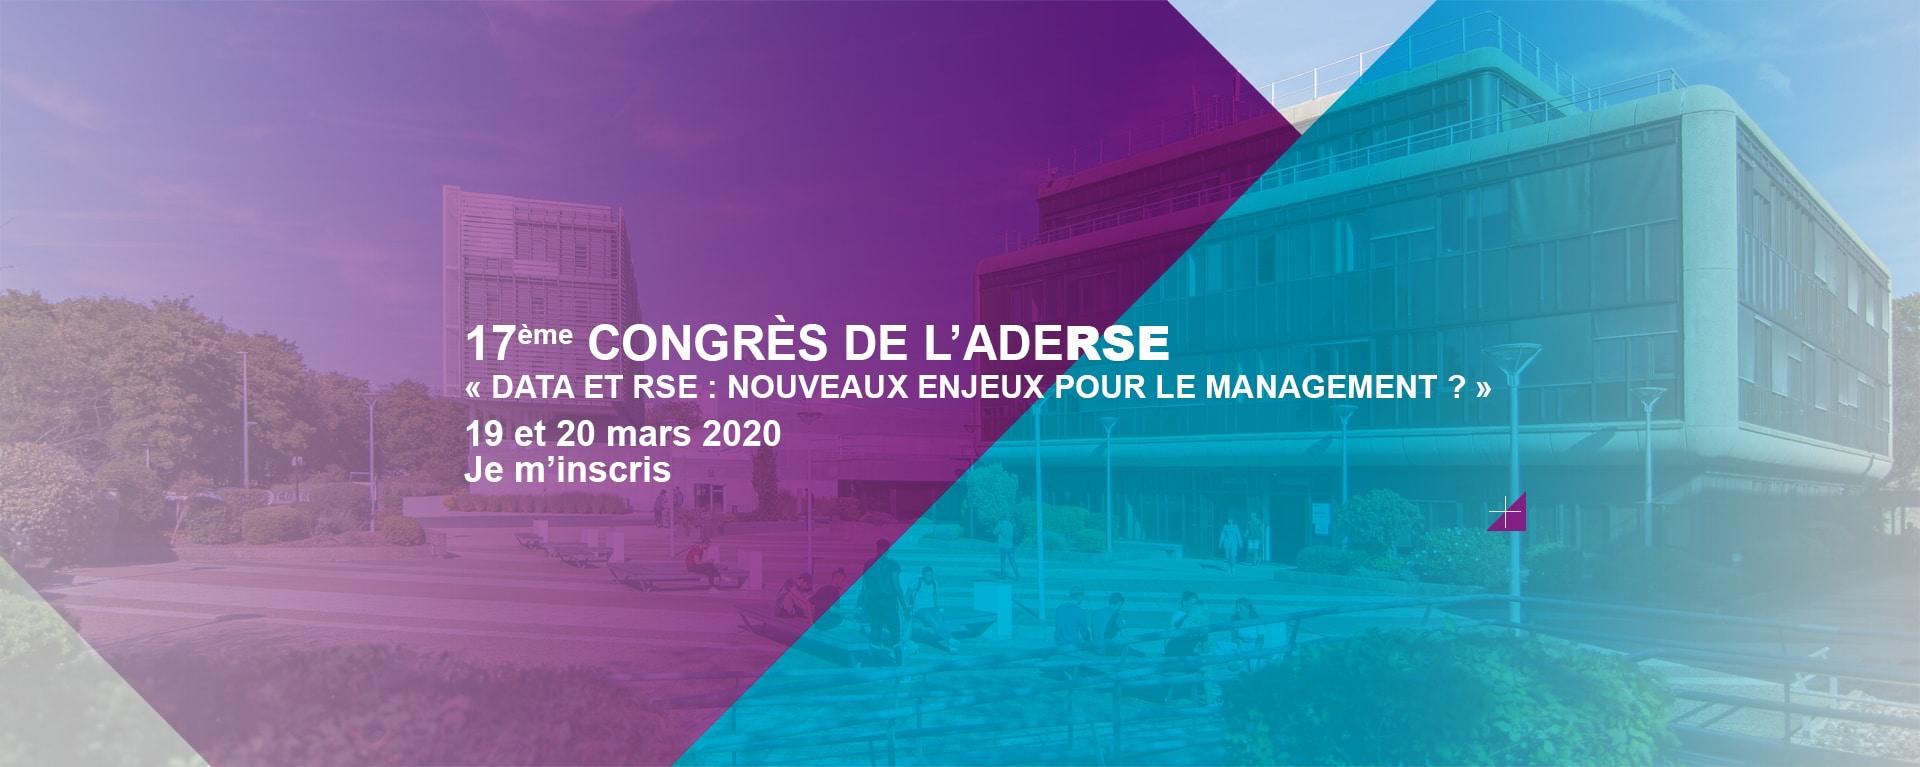 17ème congrès de l'ADERSE